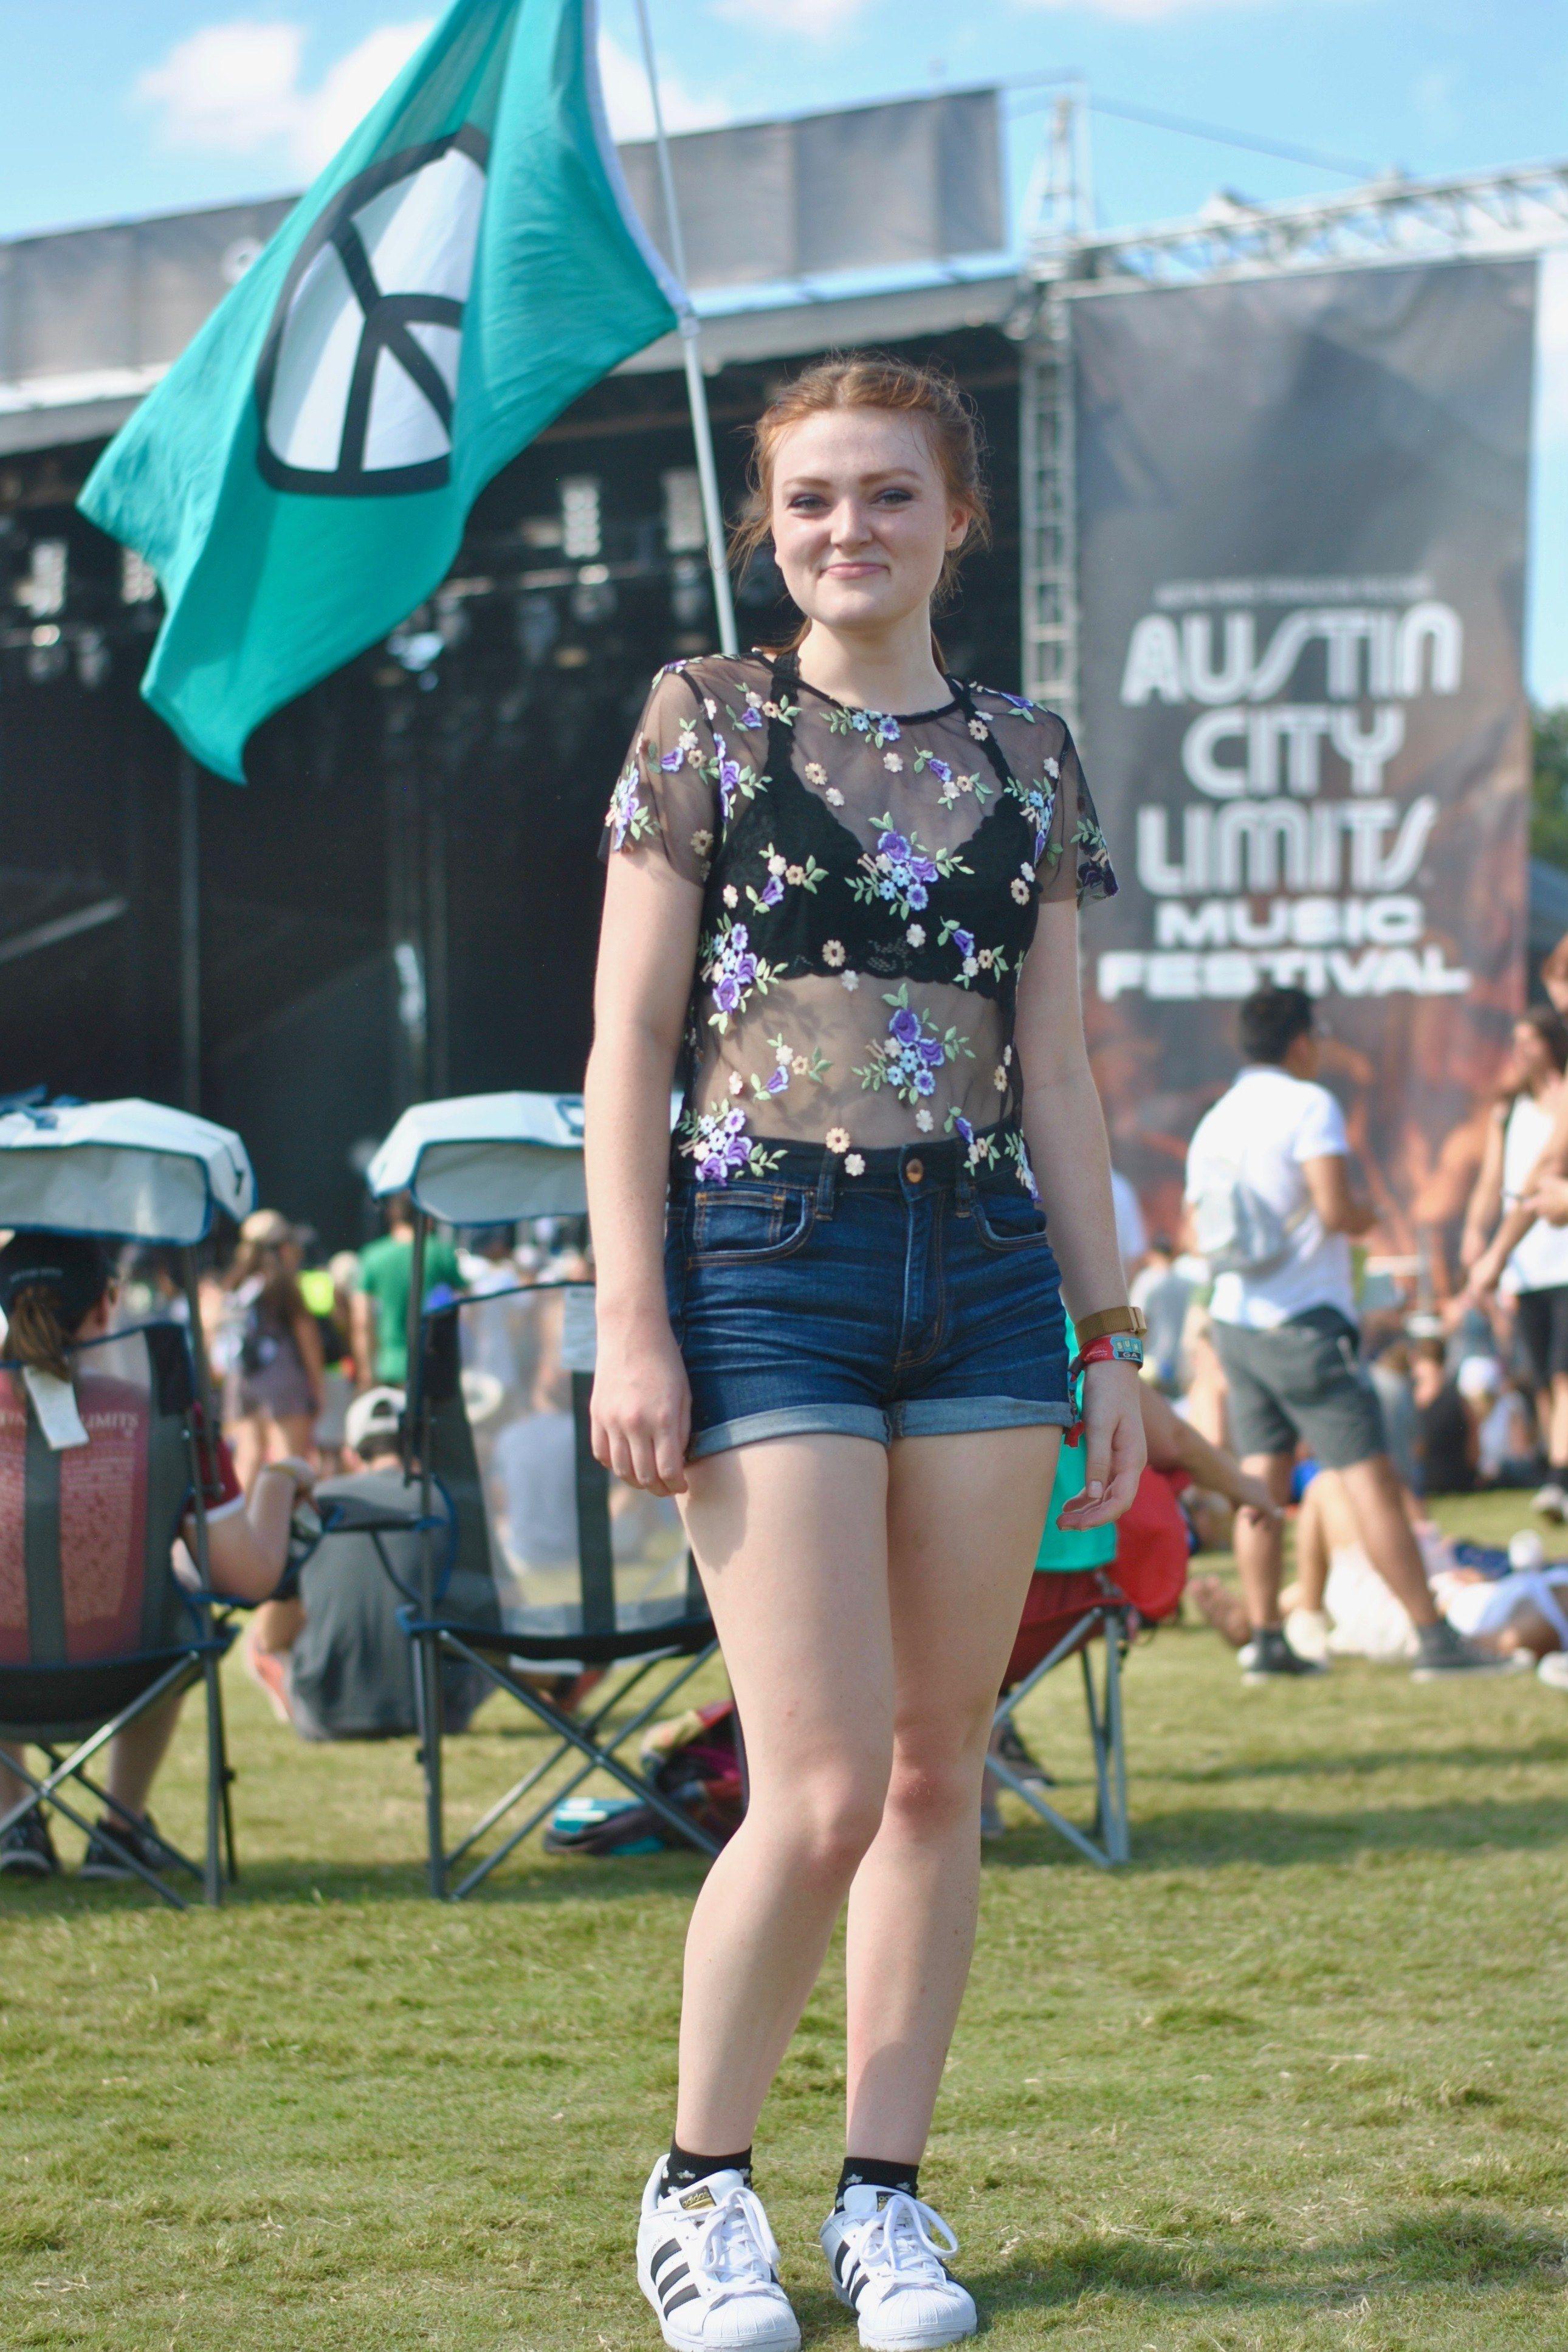 ACL Festival Fashion: Part 1   Austin city limits outfit